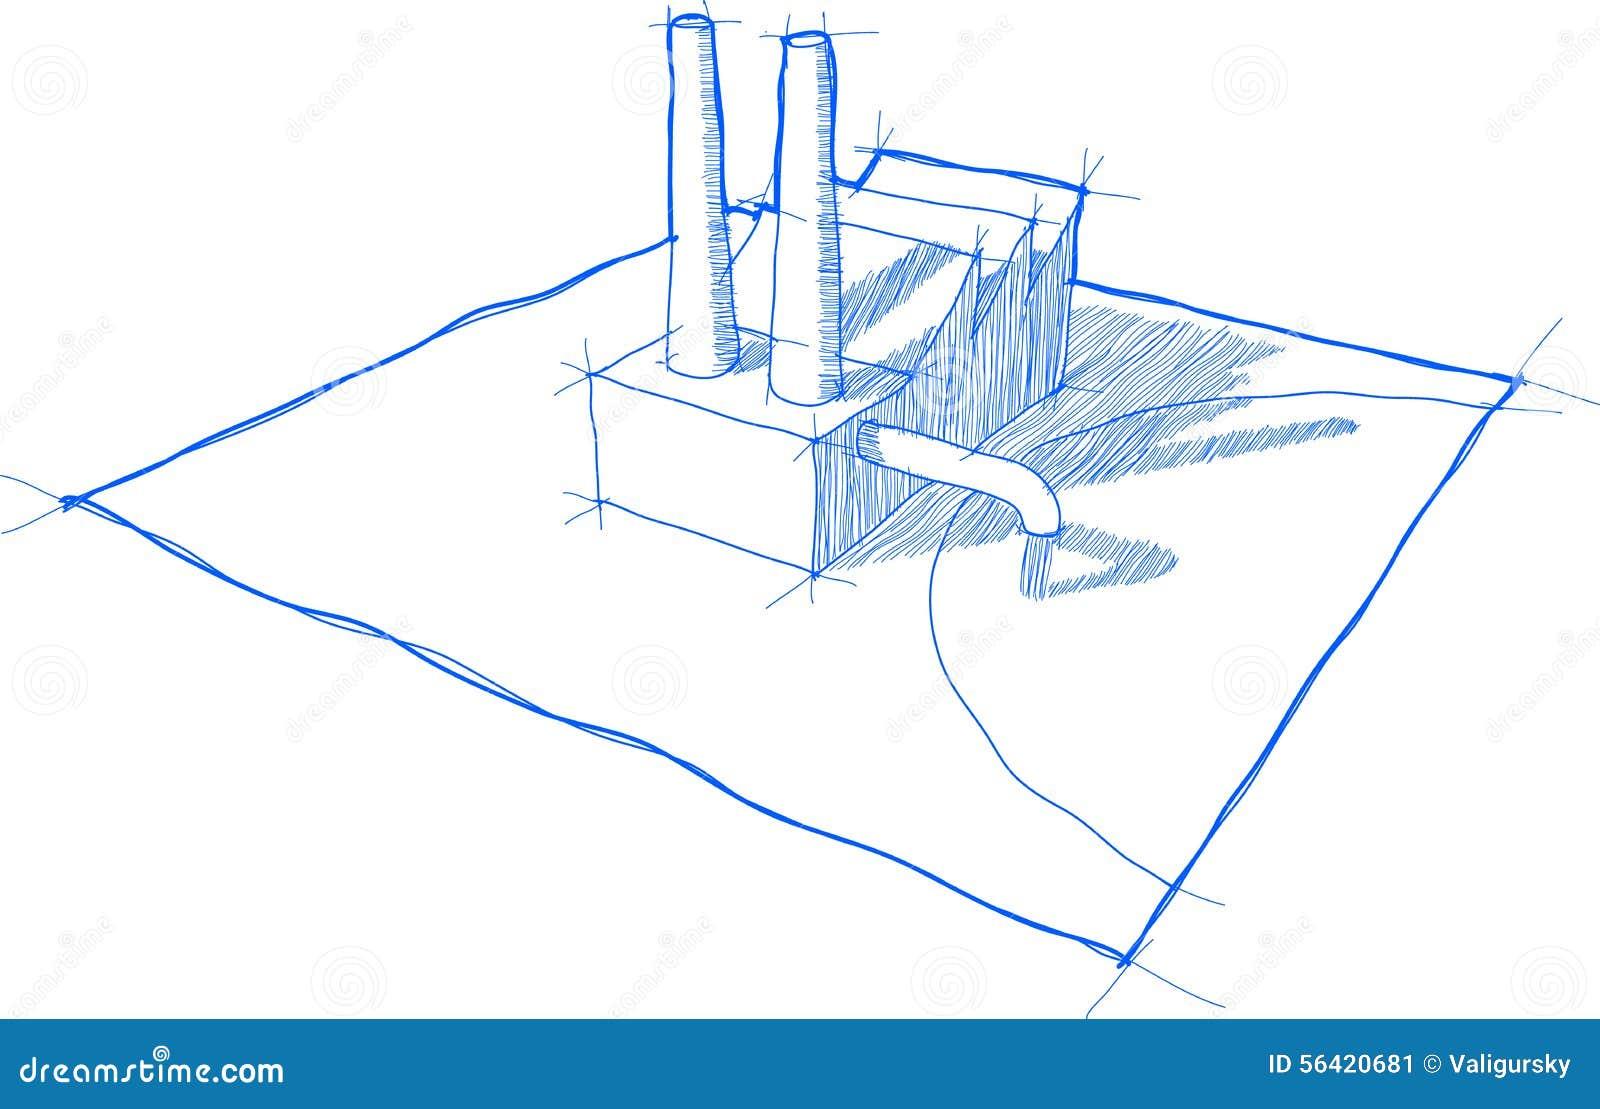 tableau industriel de pollution illustration de vecteur illustration du tableau illustration. Black Bedroom Furniture Sets. Home Design Ideas